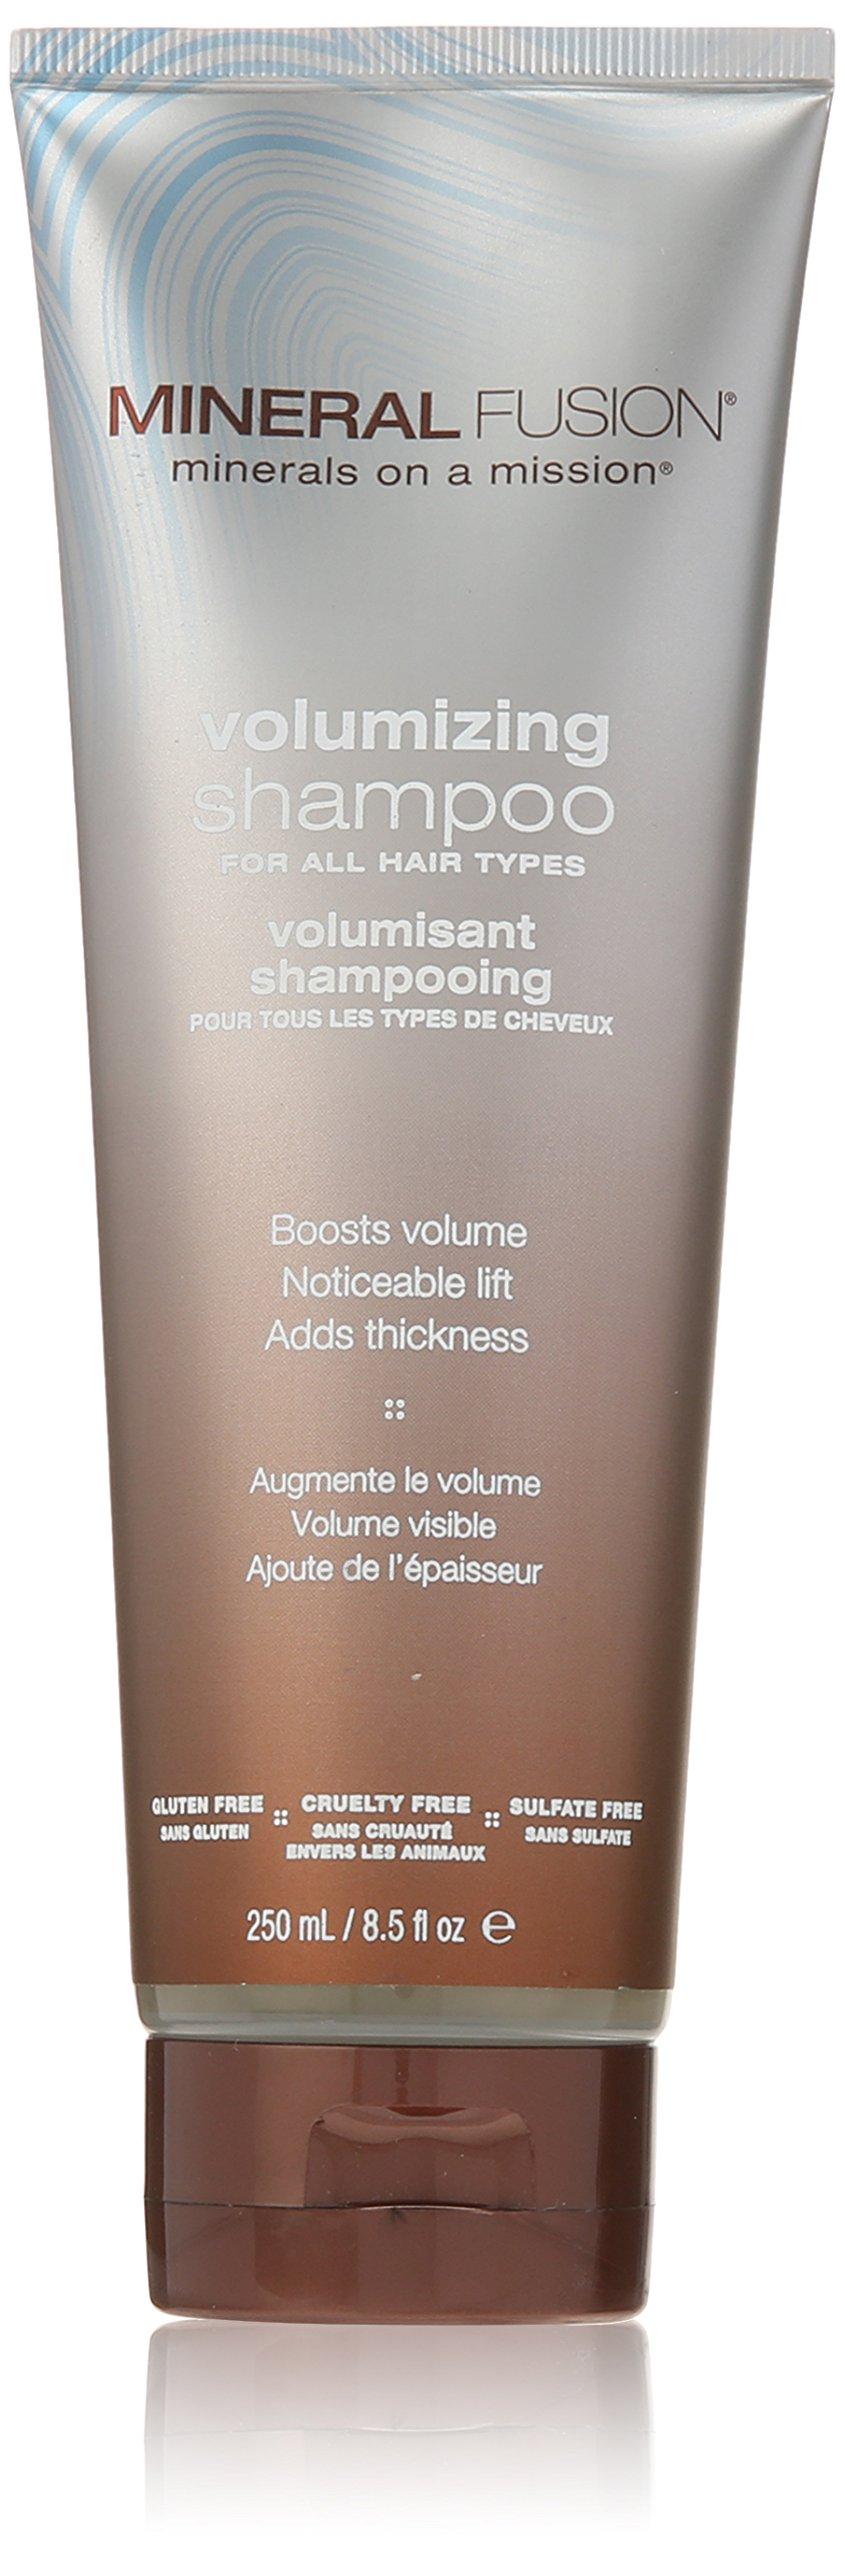 Mineral Fusion Shampoo, Volumizing, 8.5 Ounce